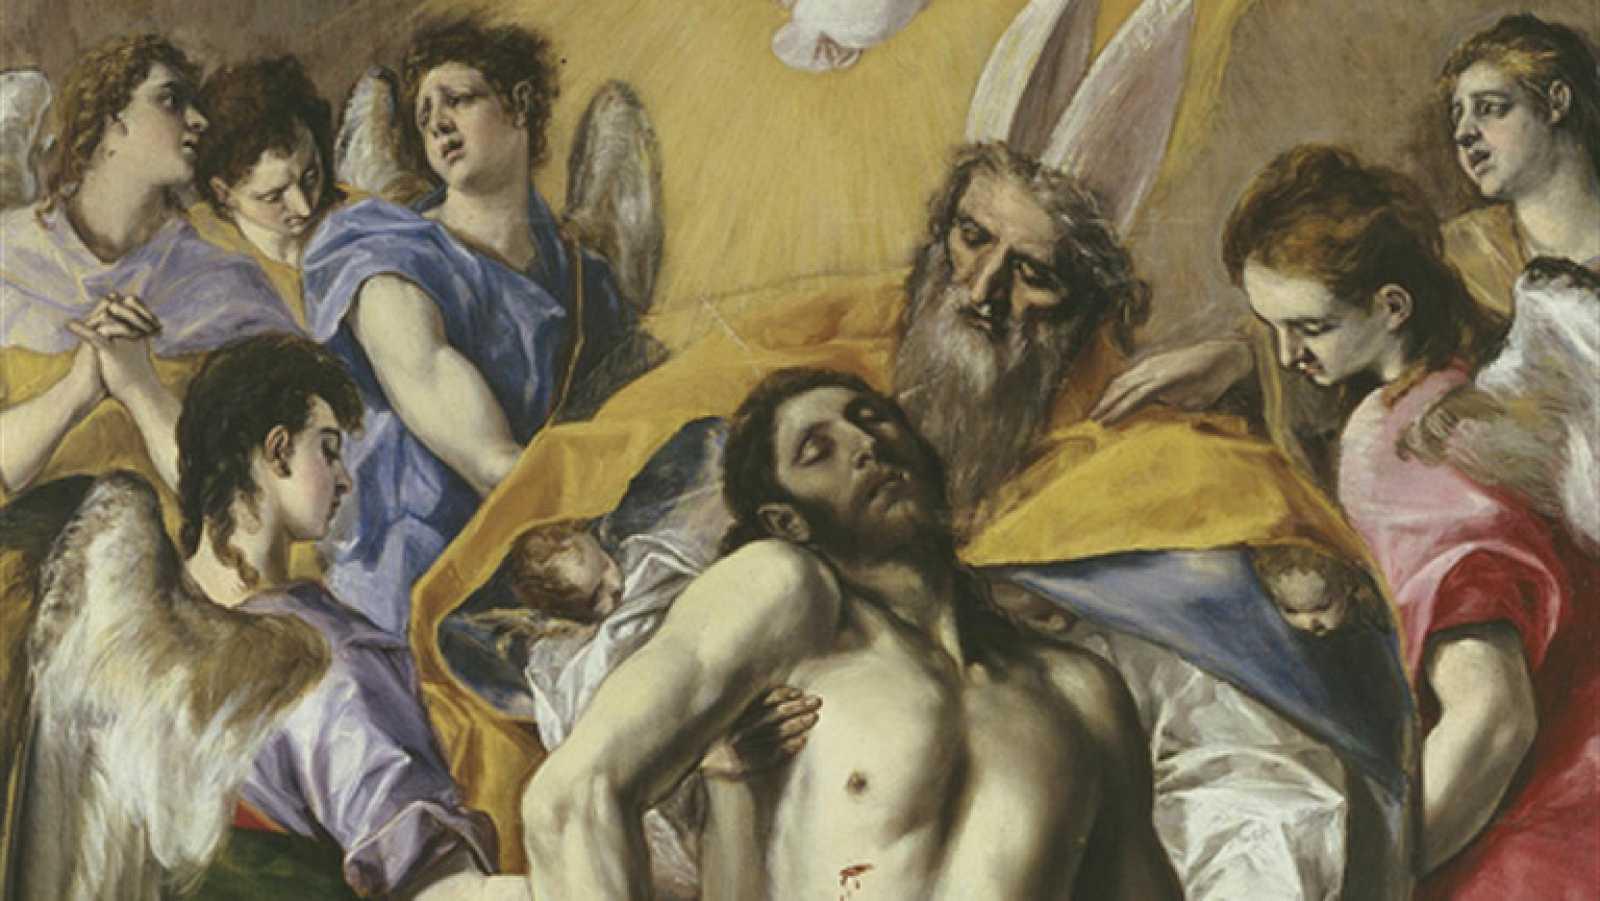 Mirar un cuadro - La Trinidad (El Greco)